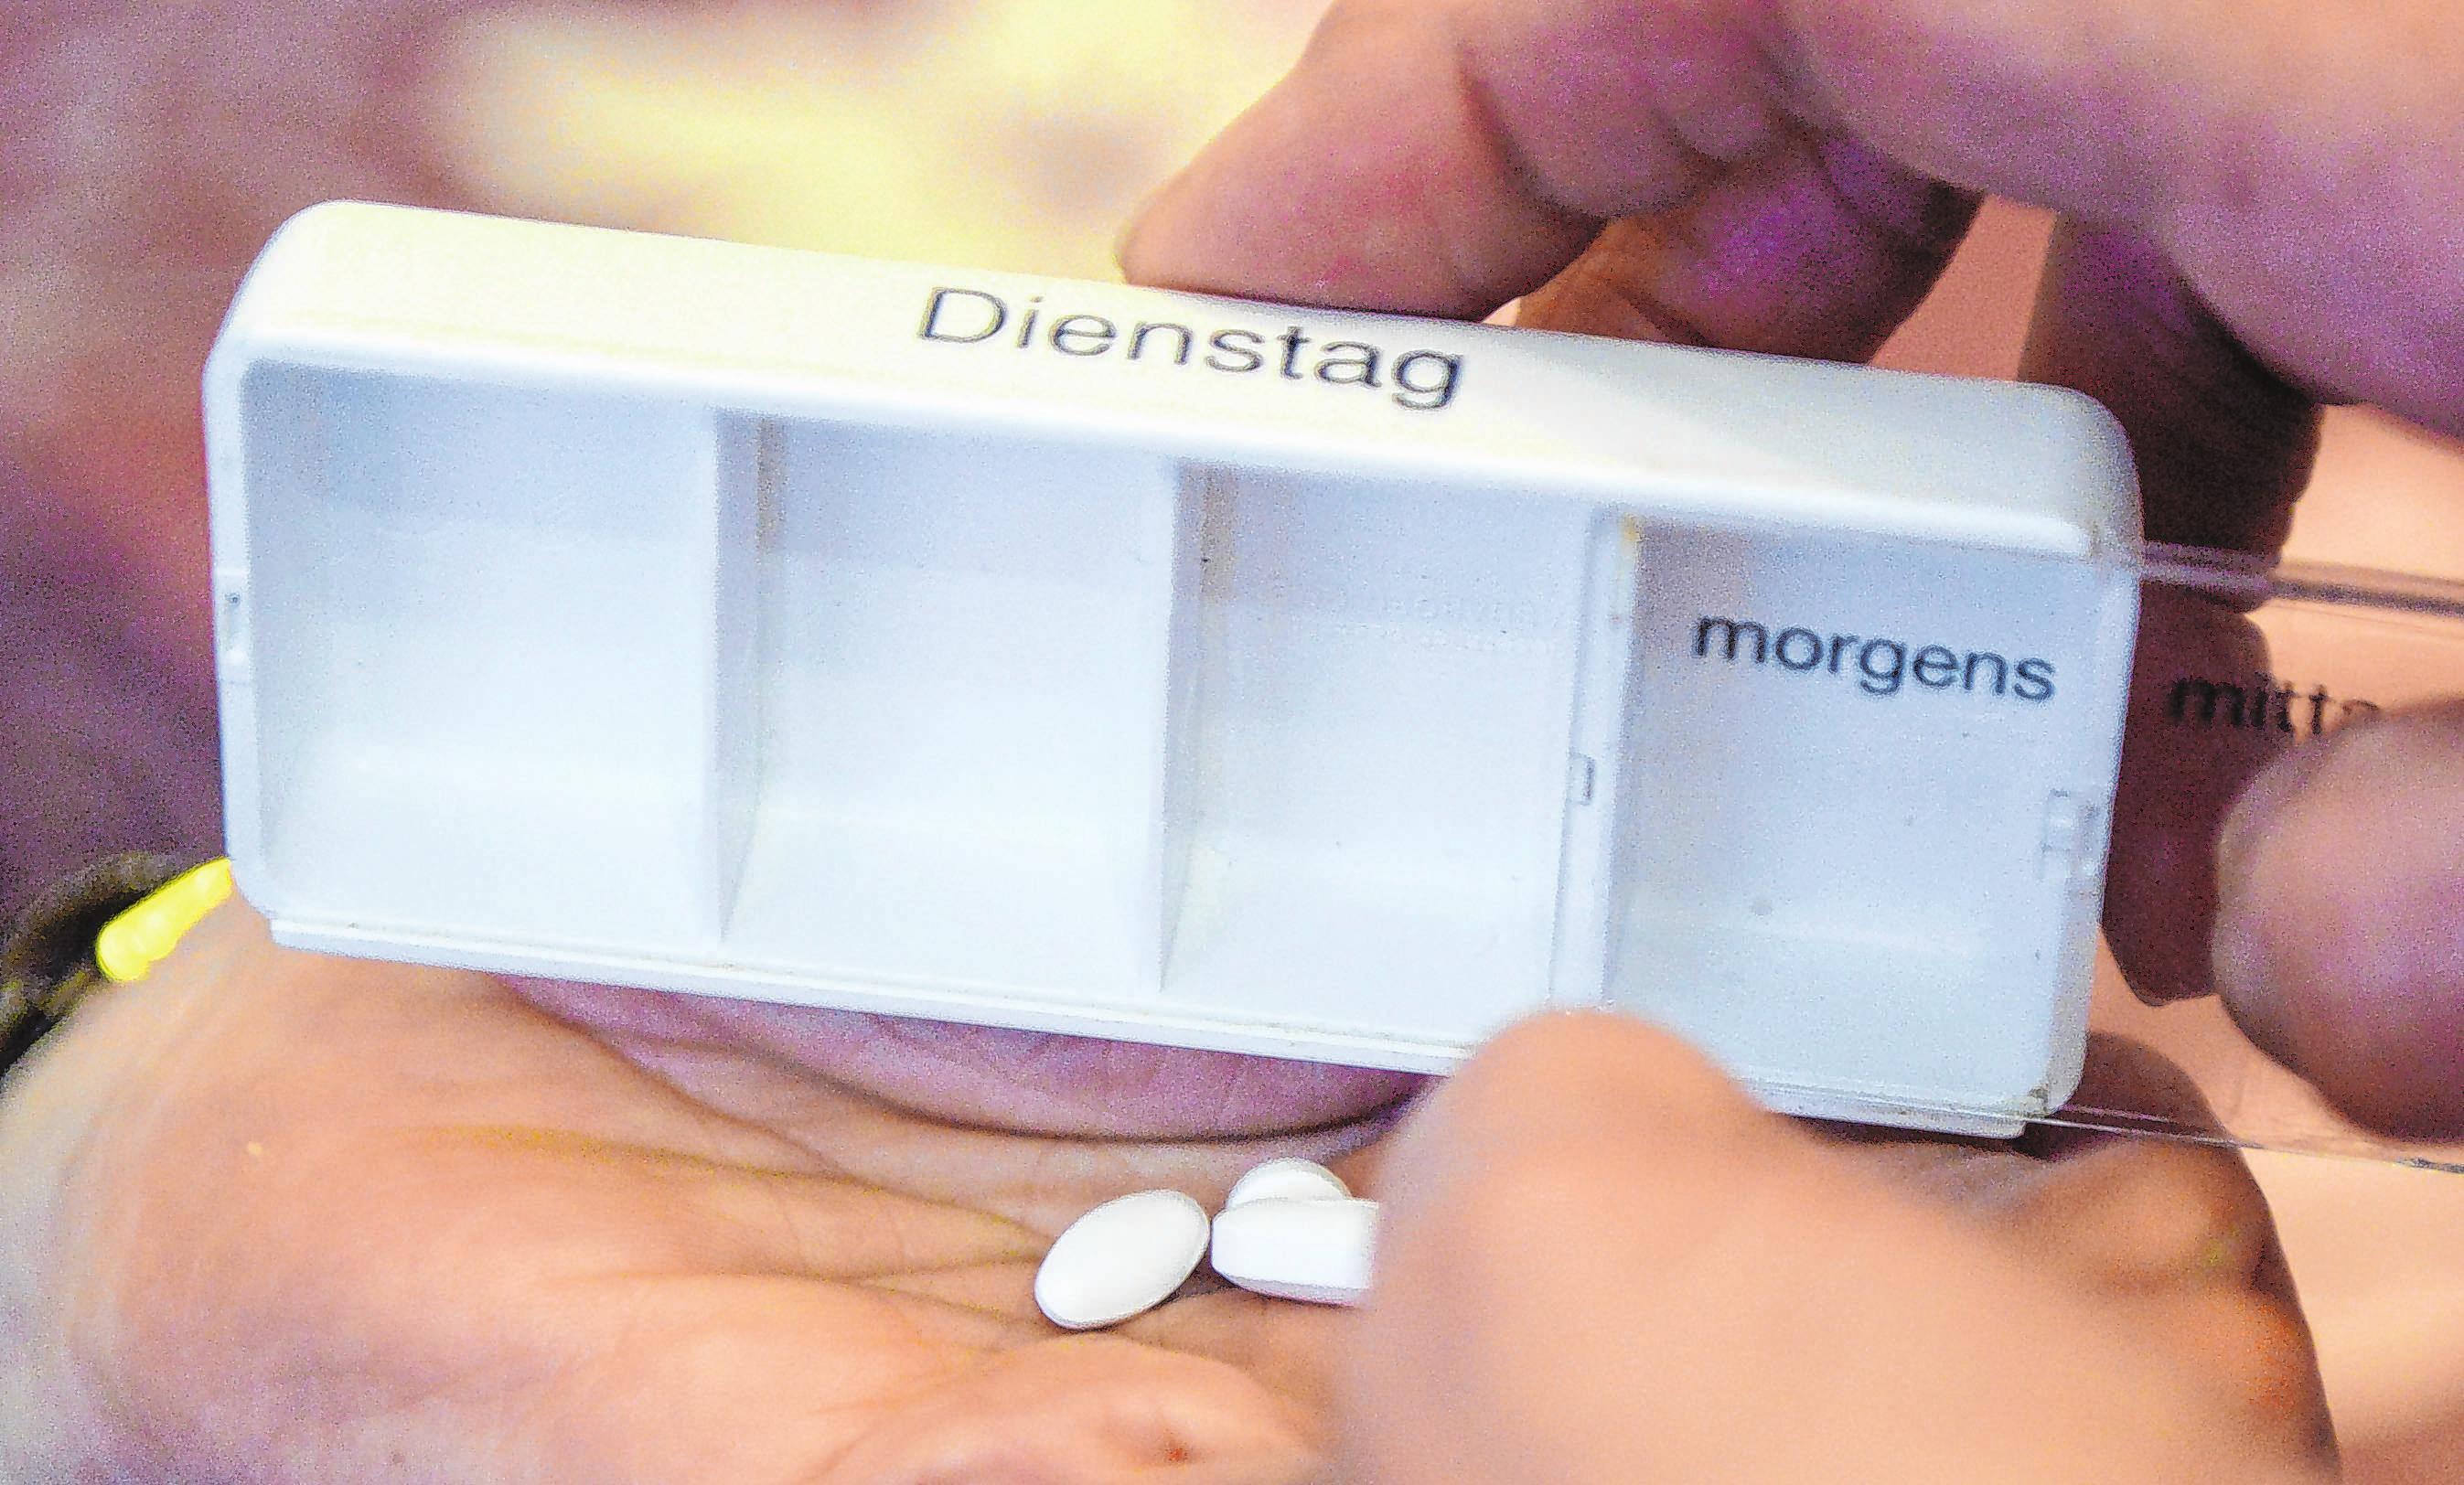 Morgens, mittags, abends: Tabletten-Boxen helfen, bei der Einnahme von Medikamenten besser den Überblick zu behalten. Foto: Caroline Seidel/dpa-mag